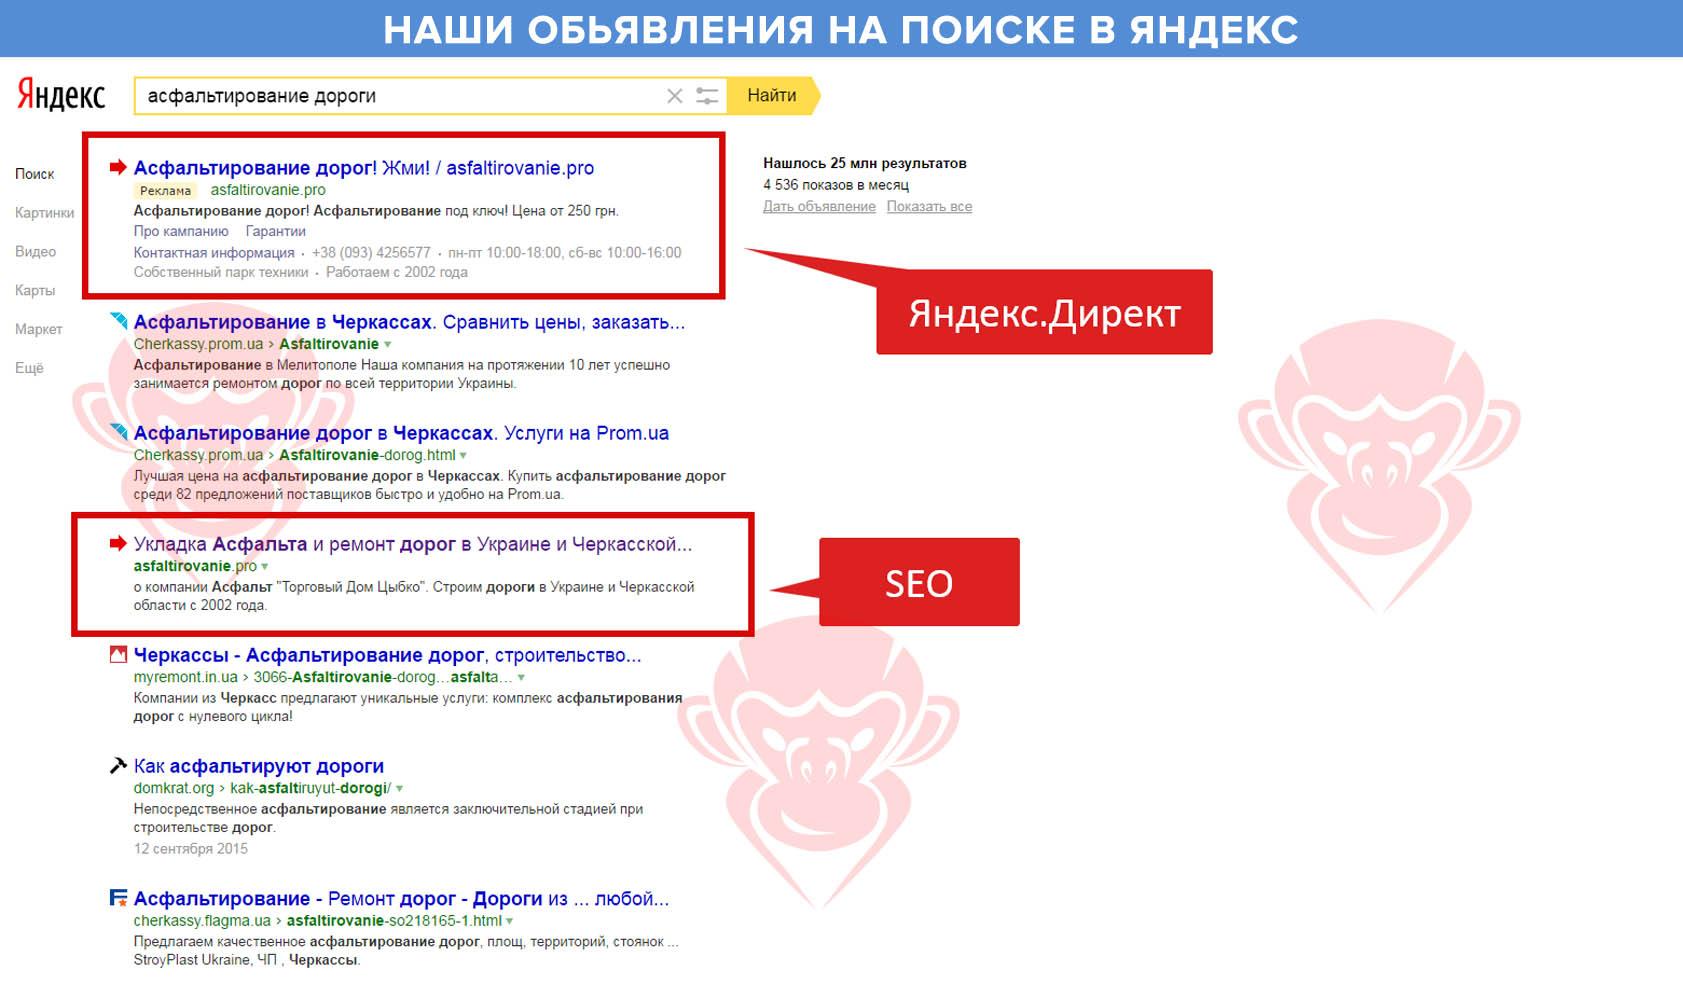 Обьявления на поиске Яндекс